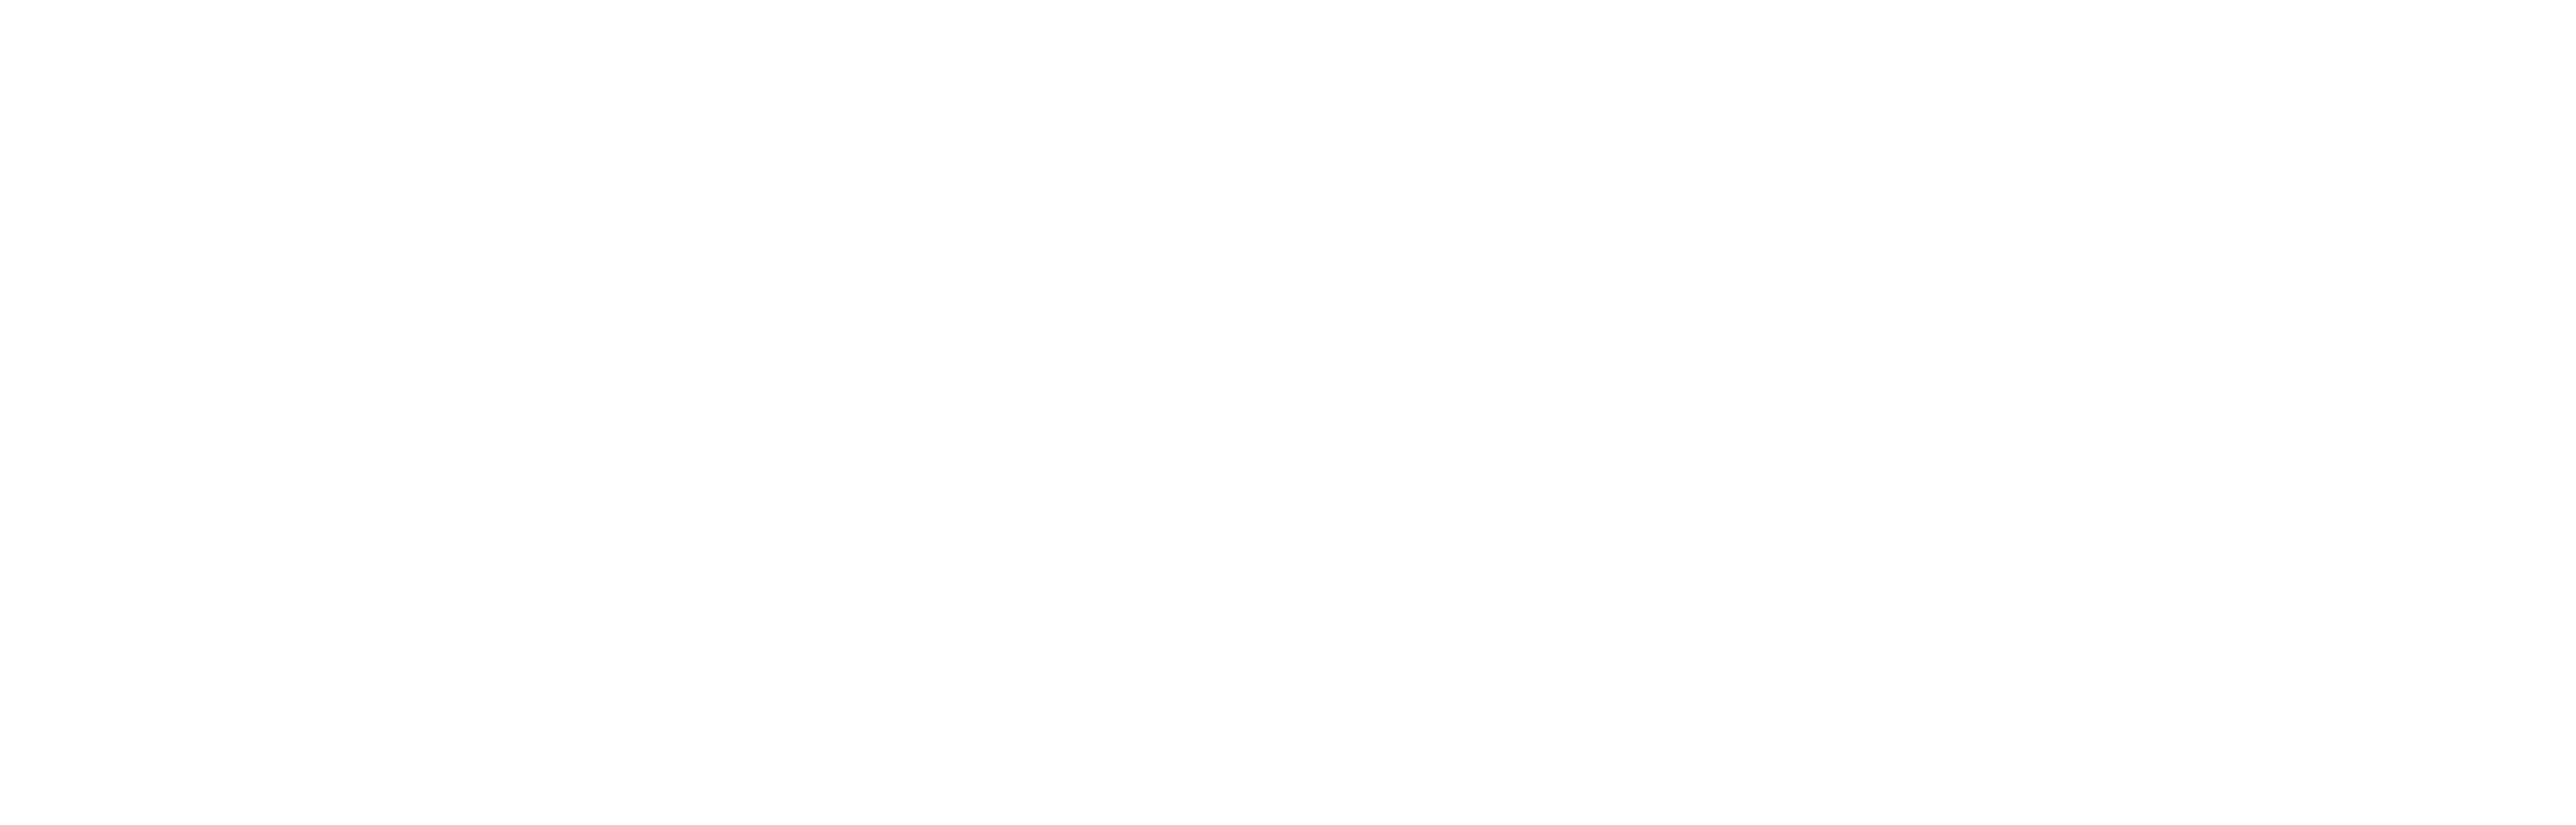 Designstudio Warpaint